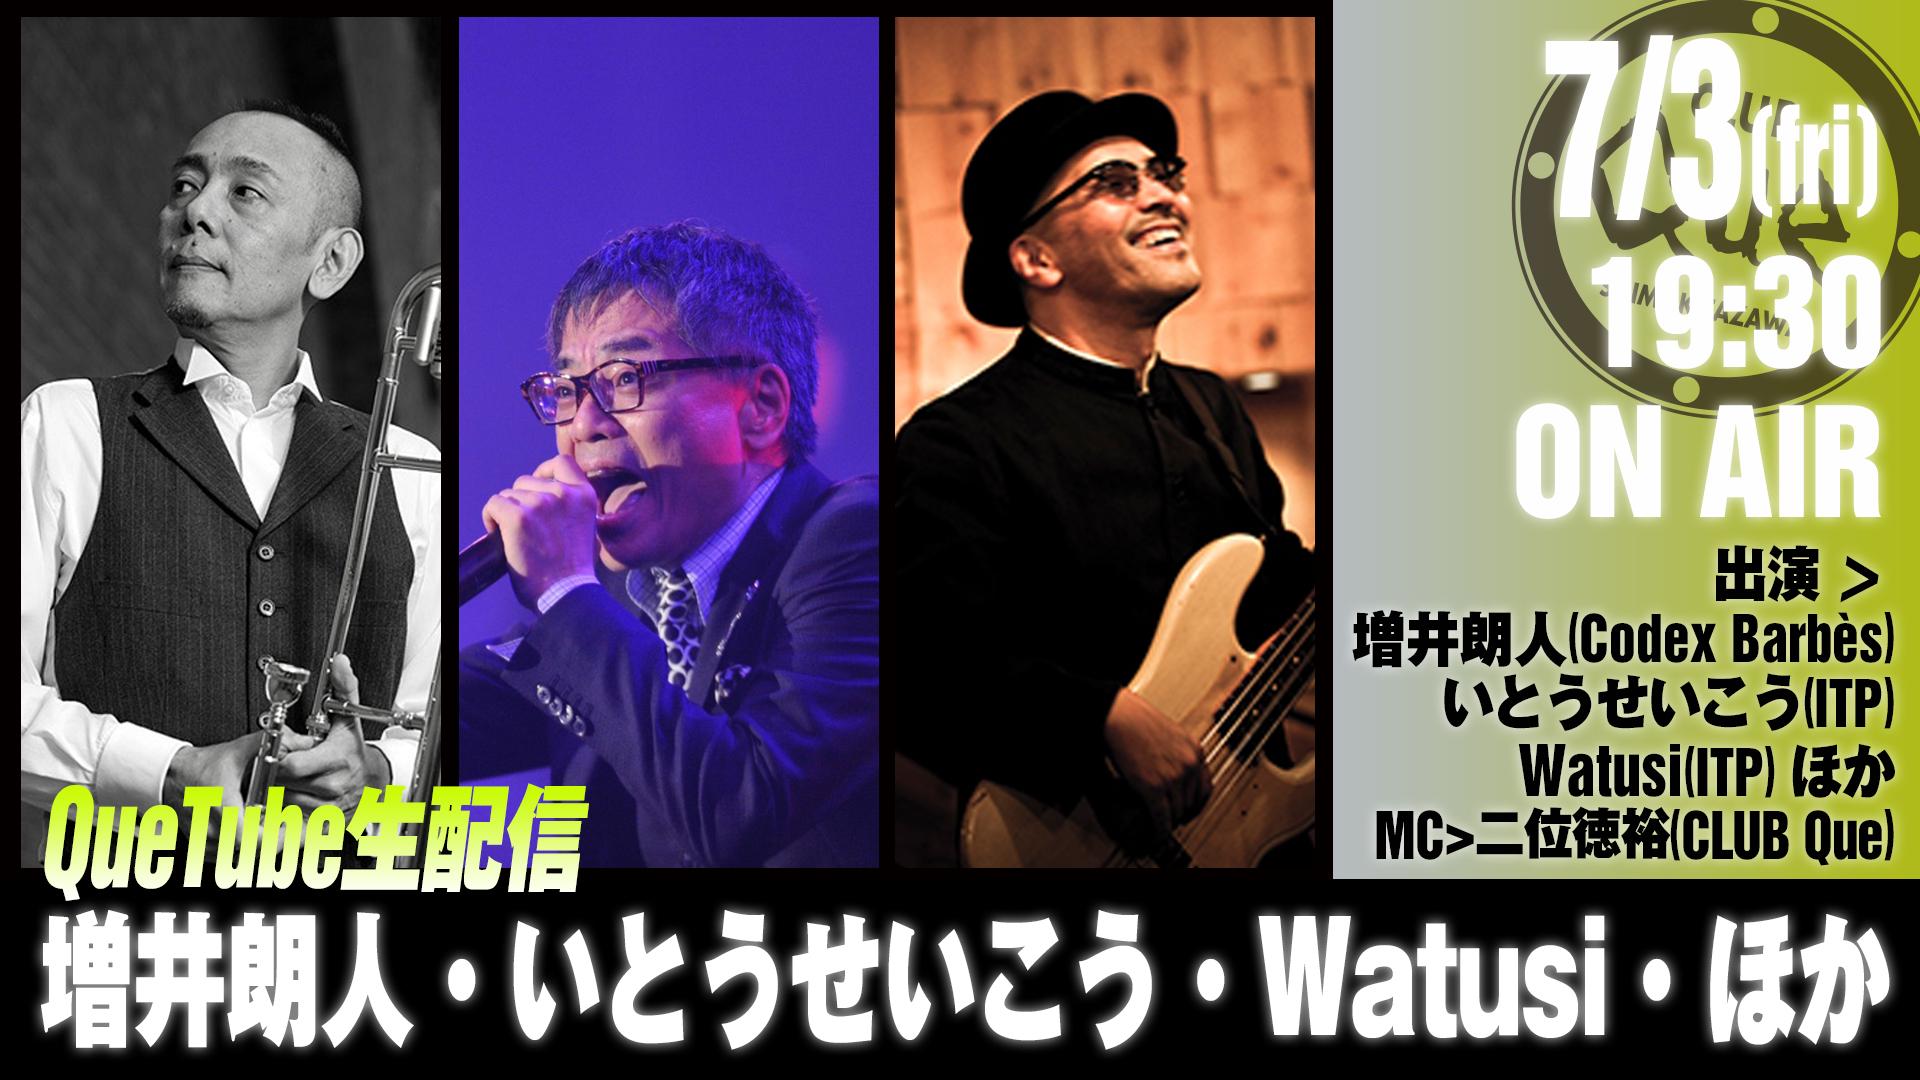 【7/3配信】 増井朗人・いとうせいこう・Watusi 【QueTube生配信】